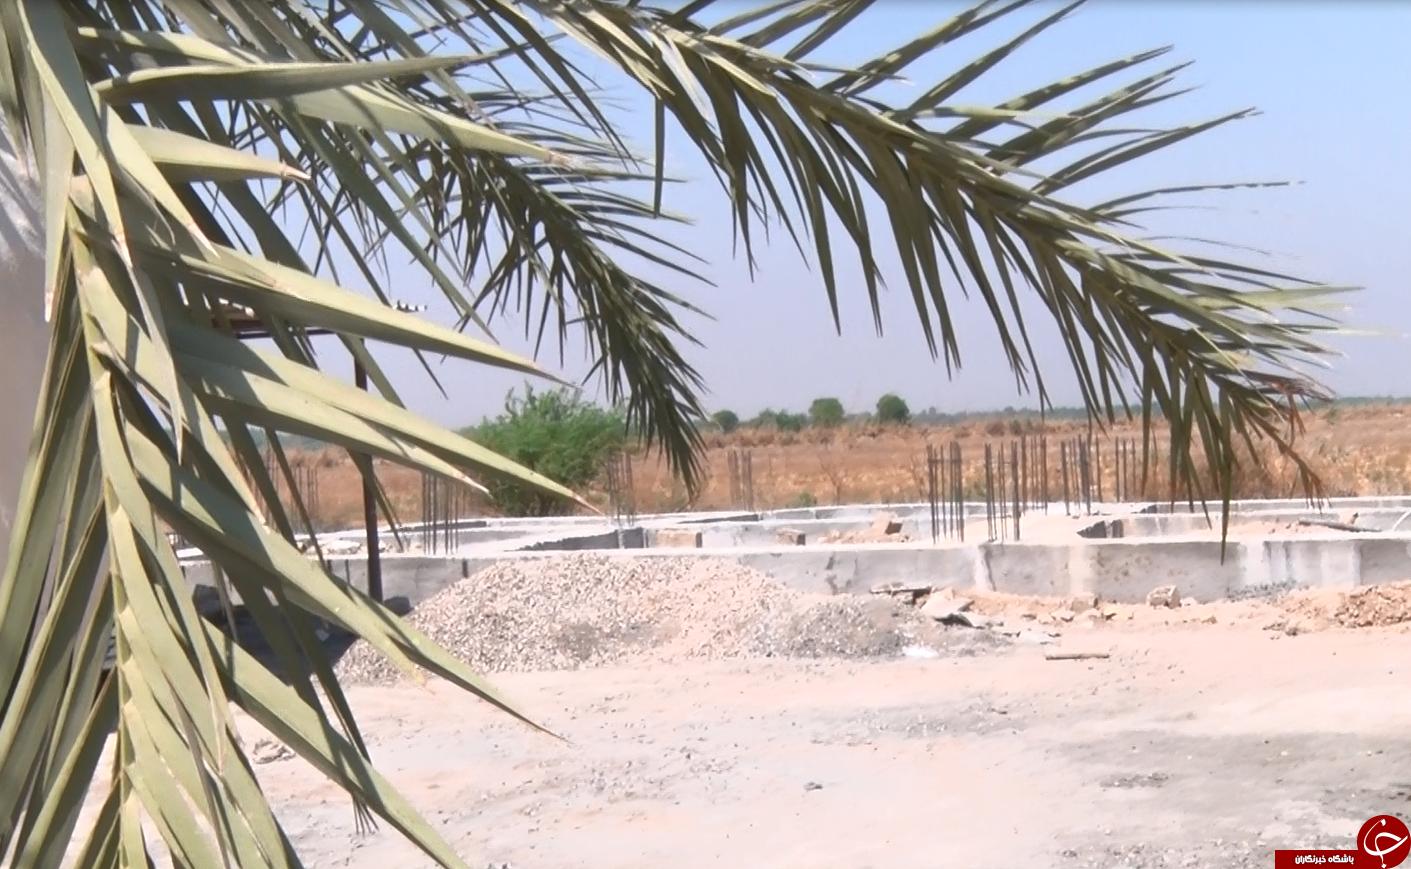 خاطرات شوم سیلاب در روستاهای خوزستان جولان میدهد/ تسریع در جبران خسارتها تنها خواسته خسارت دیدگان از سیل